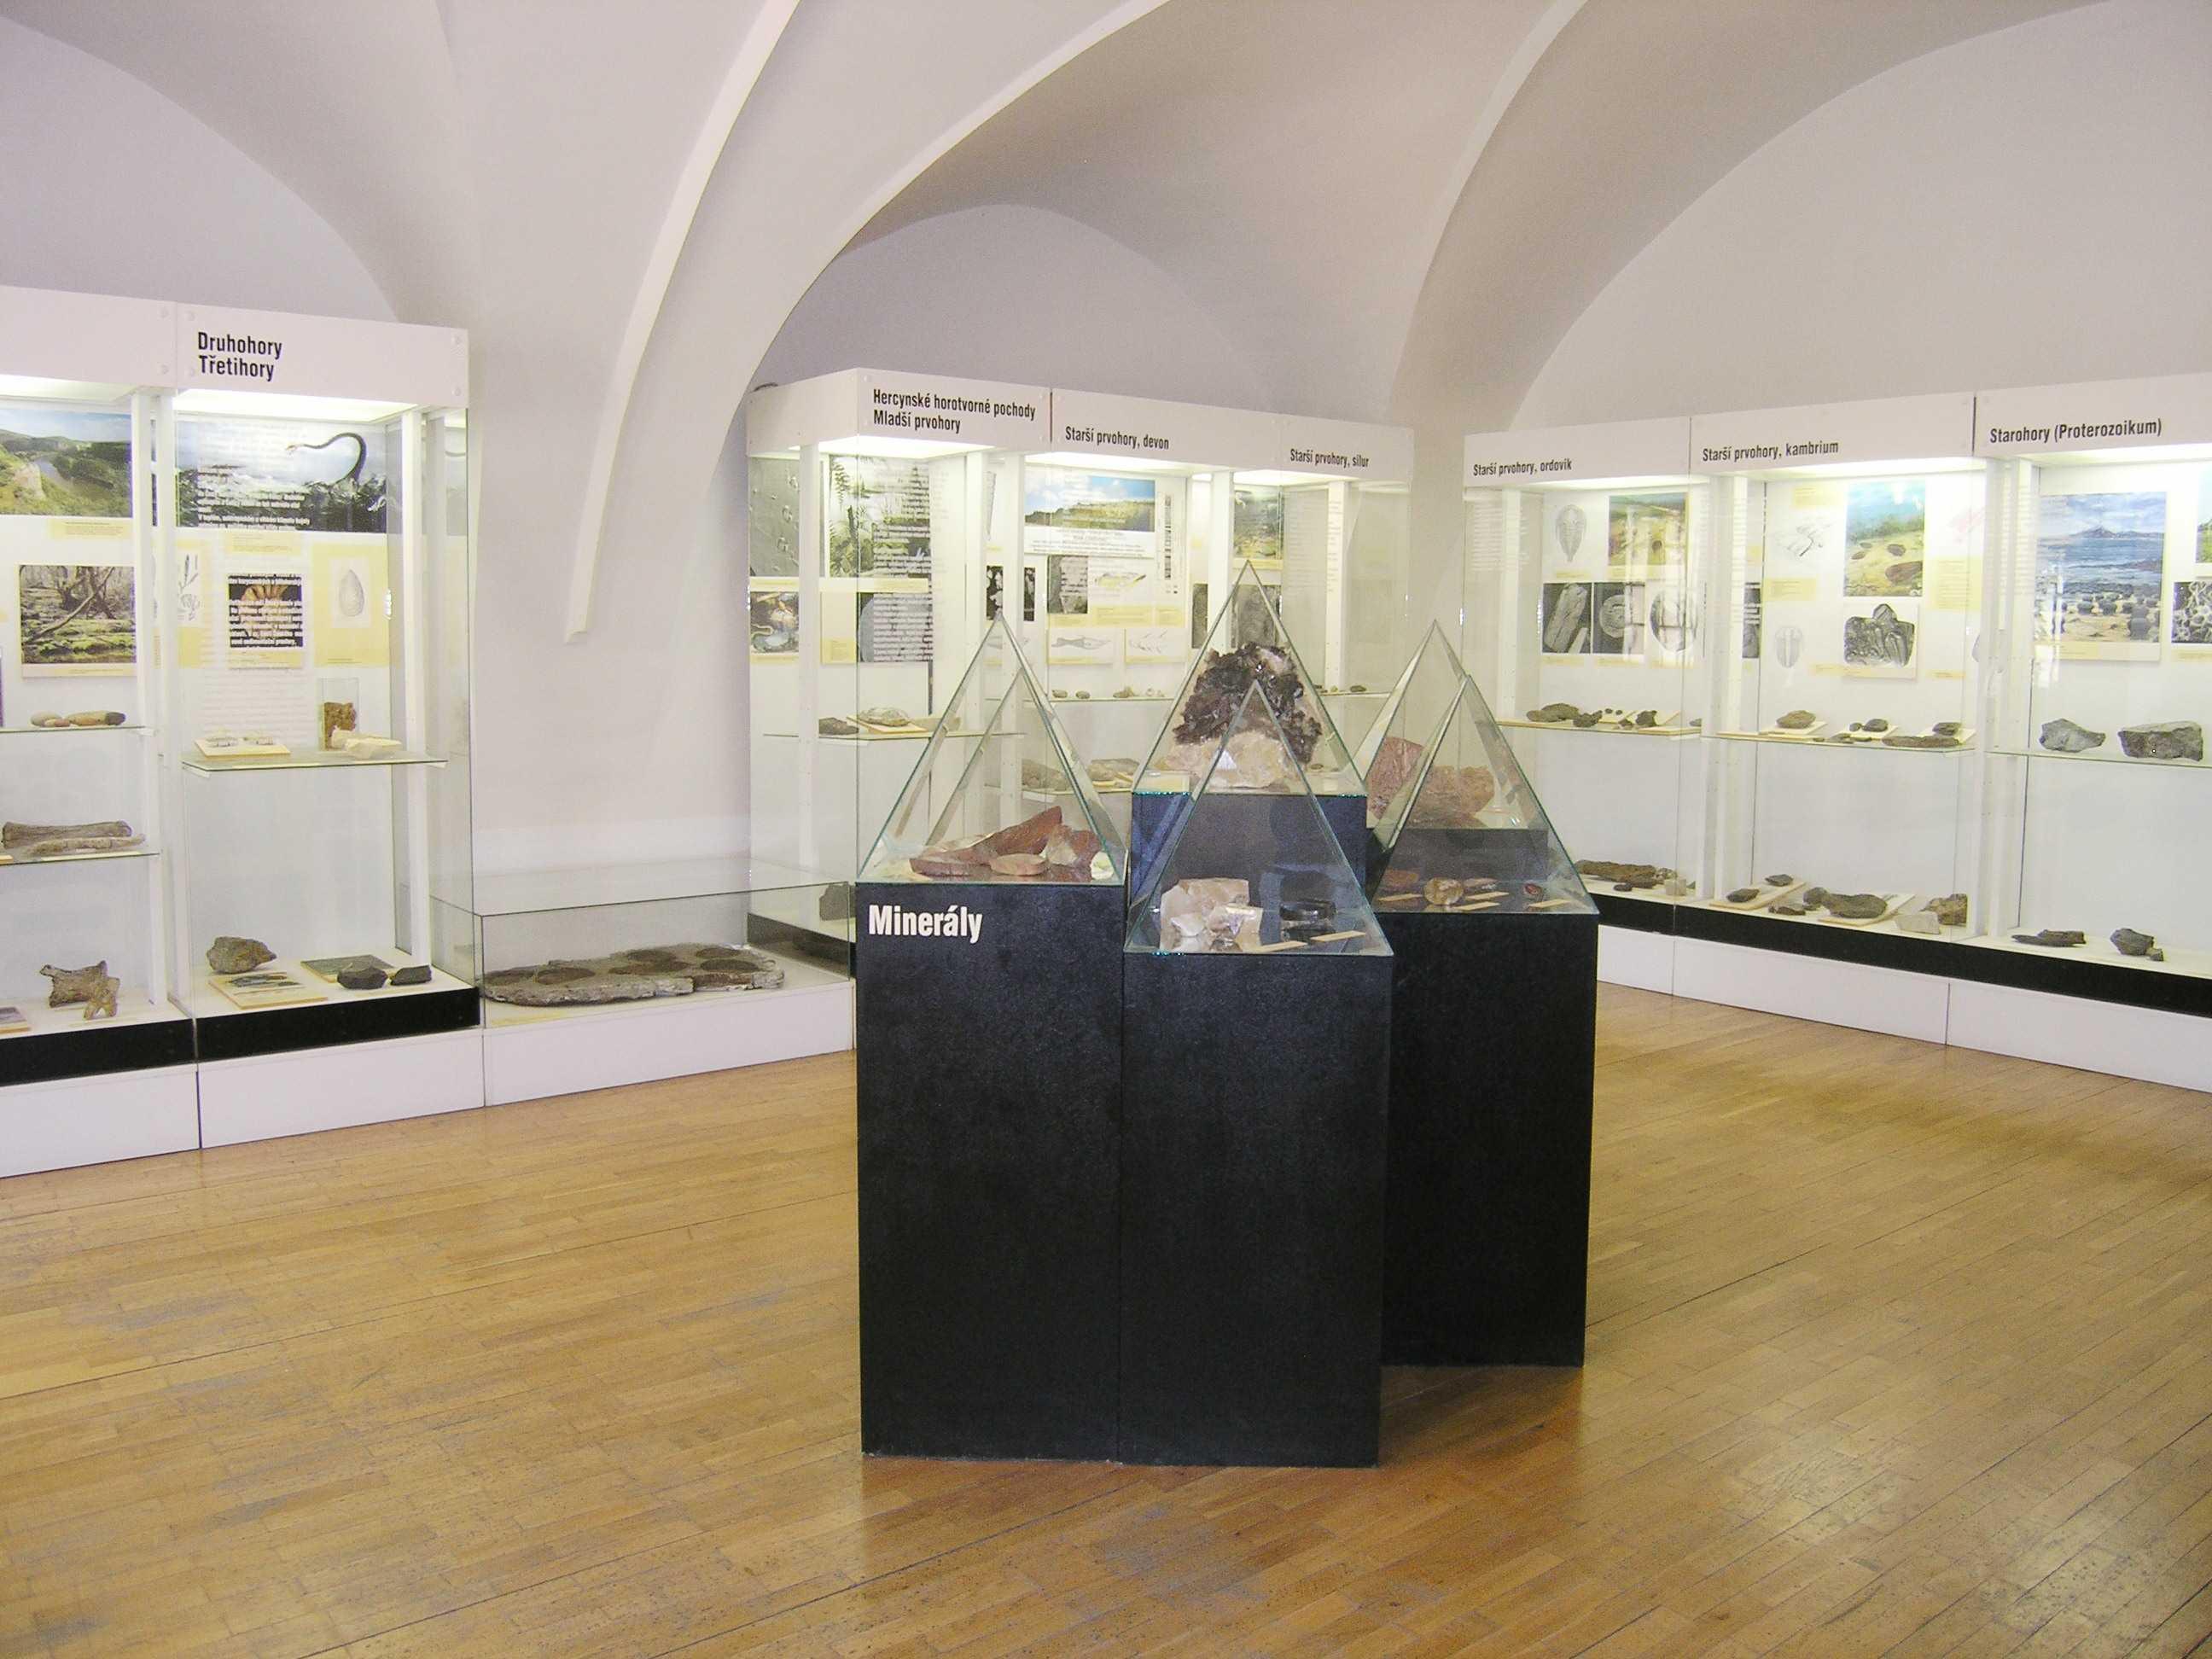 Asociace muzeí a galerií v České republice - Adresář muzeí a galerií d561b359cf